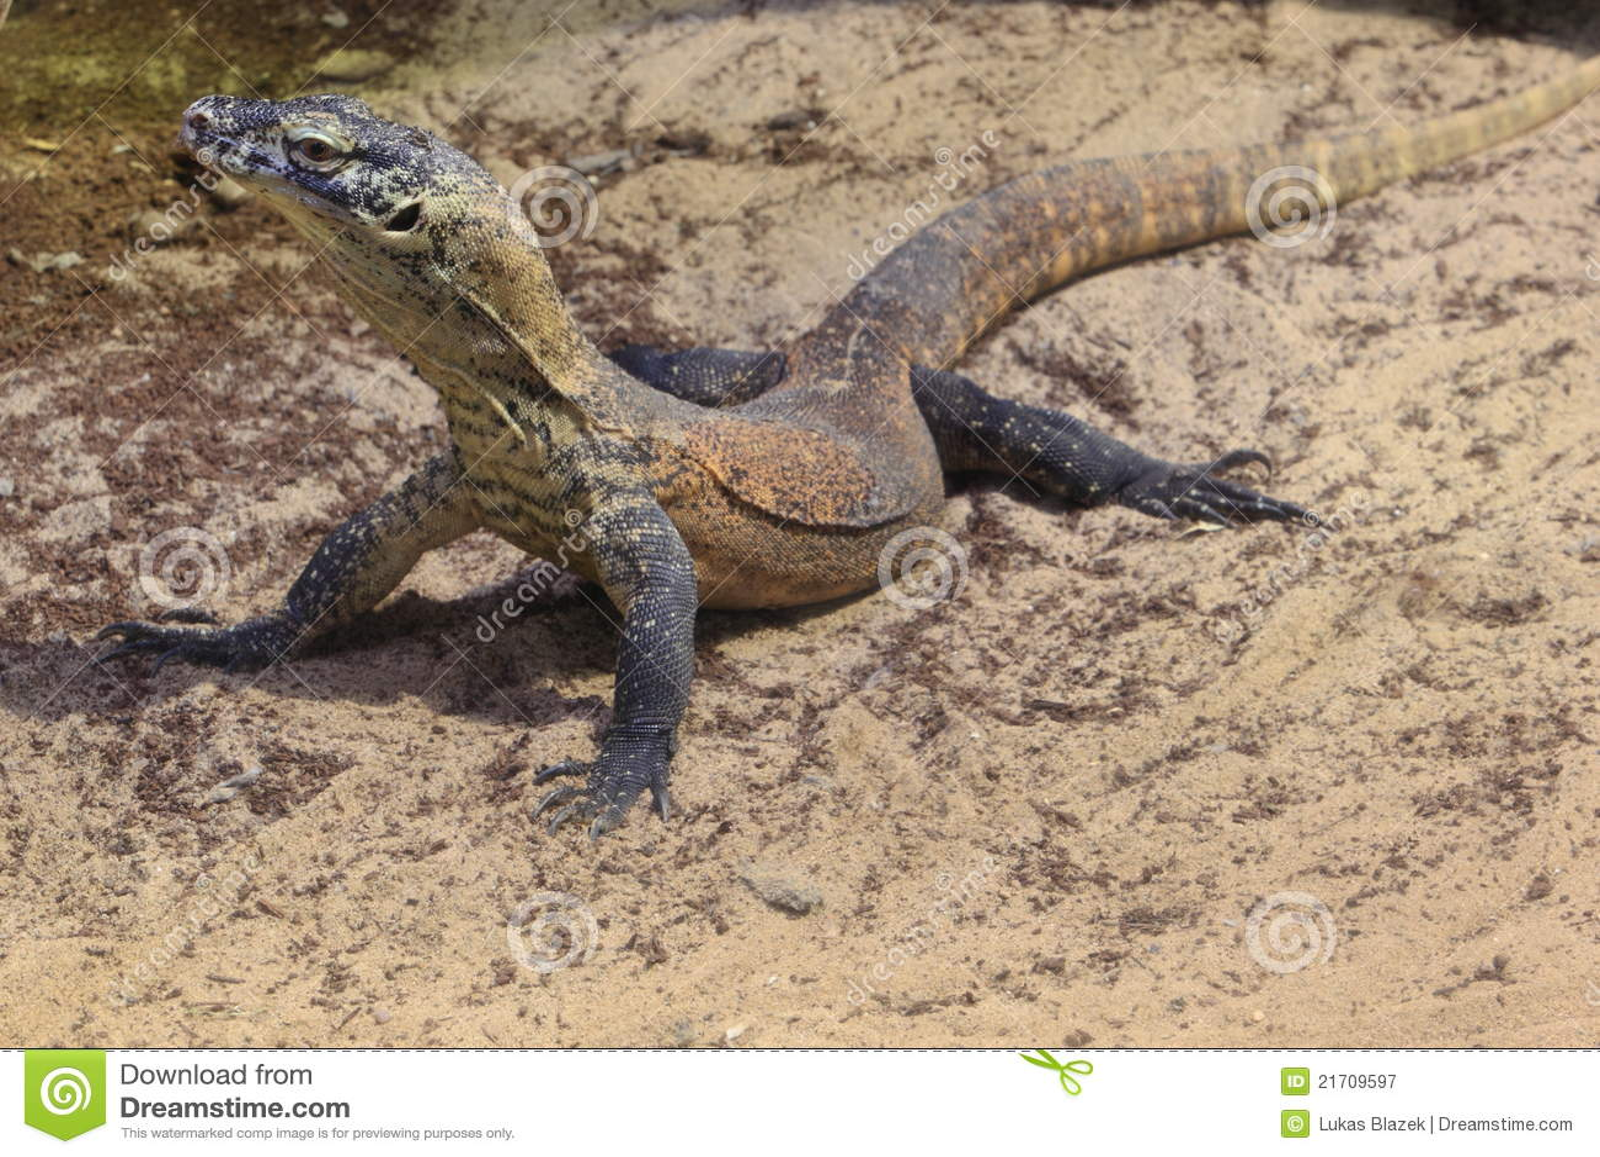 Comodo Dragon 3